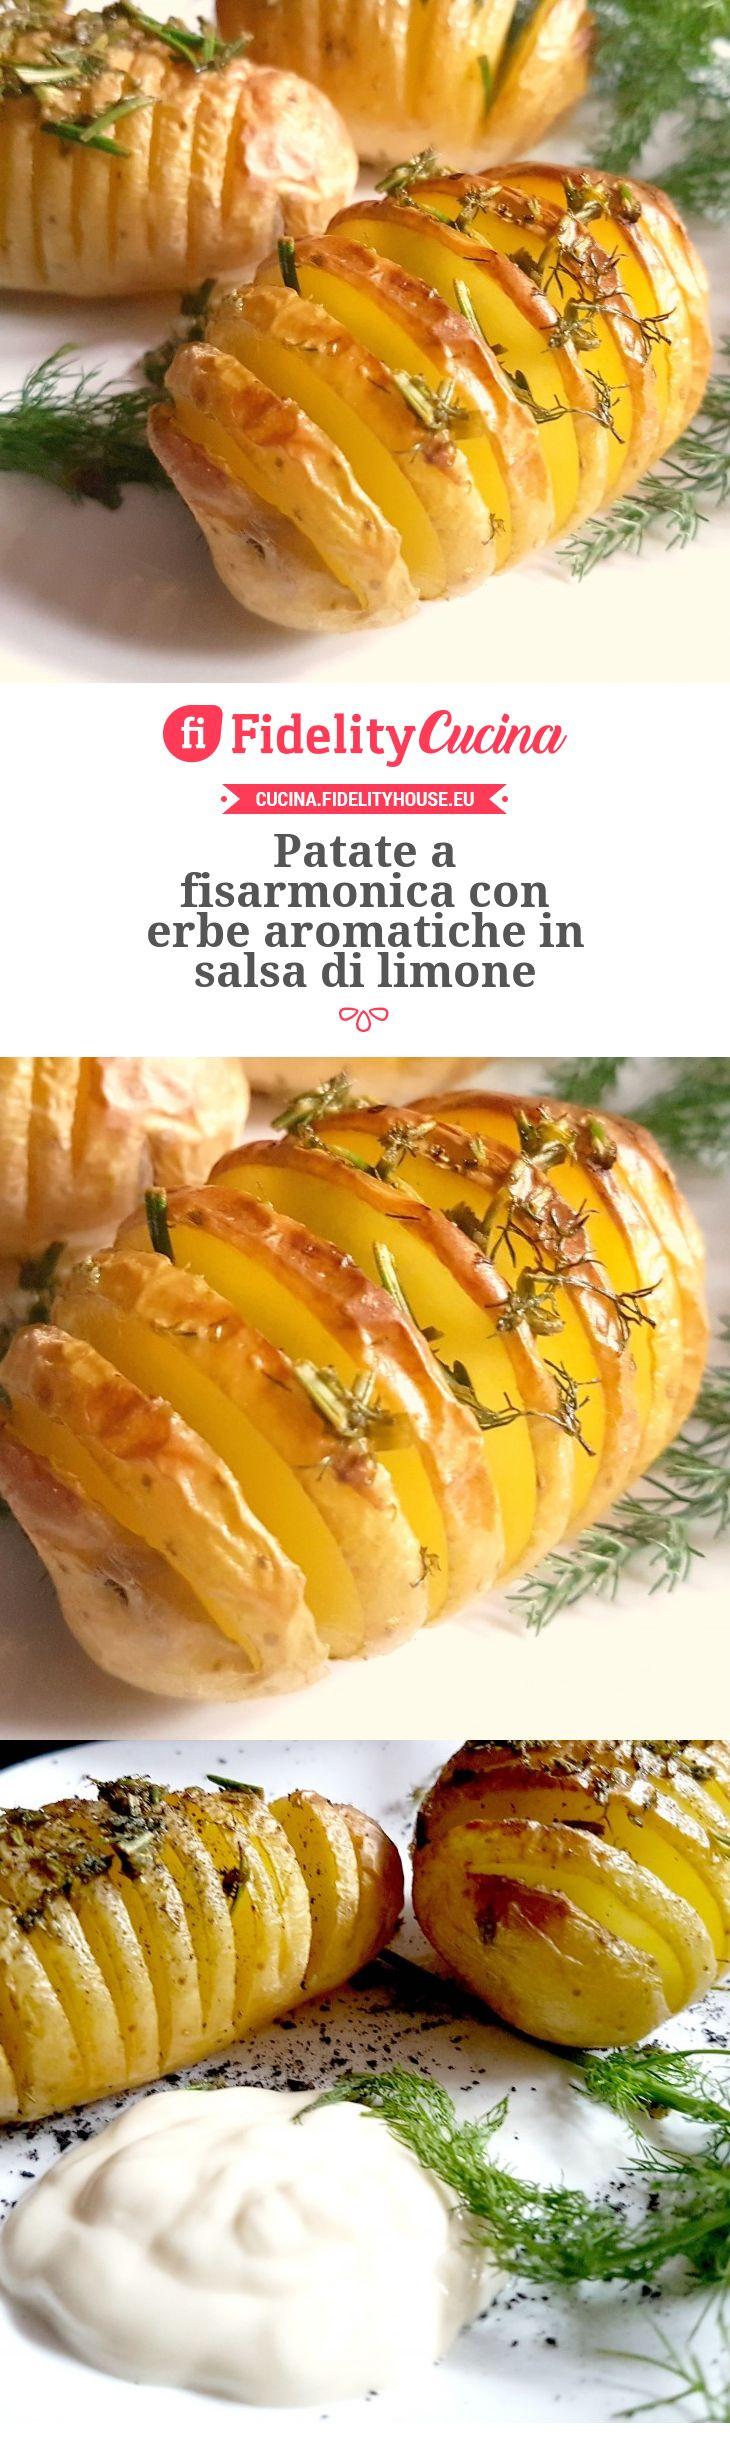 Patate a fisarmonica con erbe aromatiche in salsa di limone